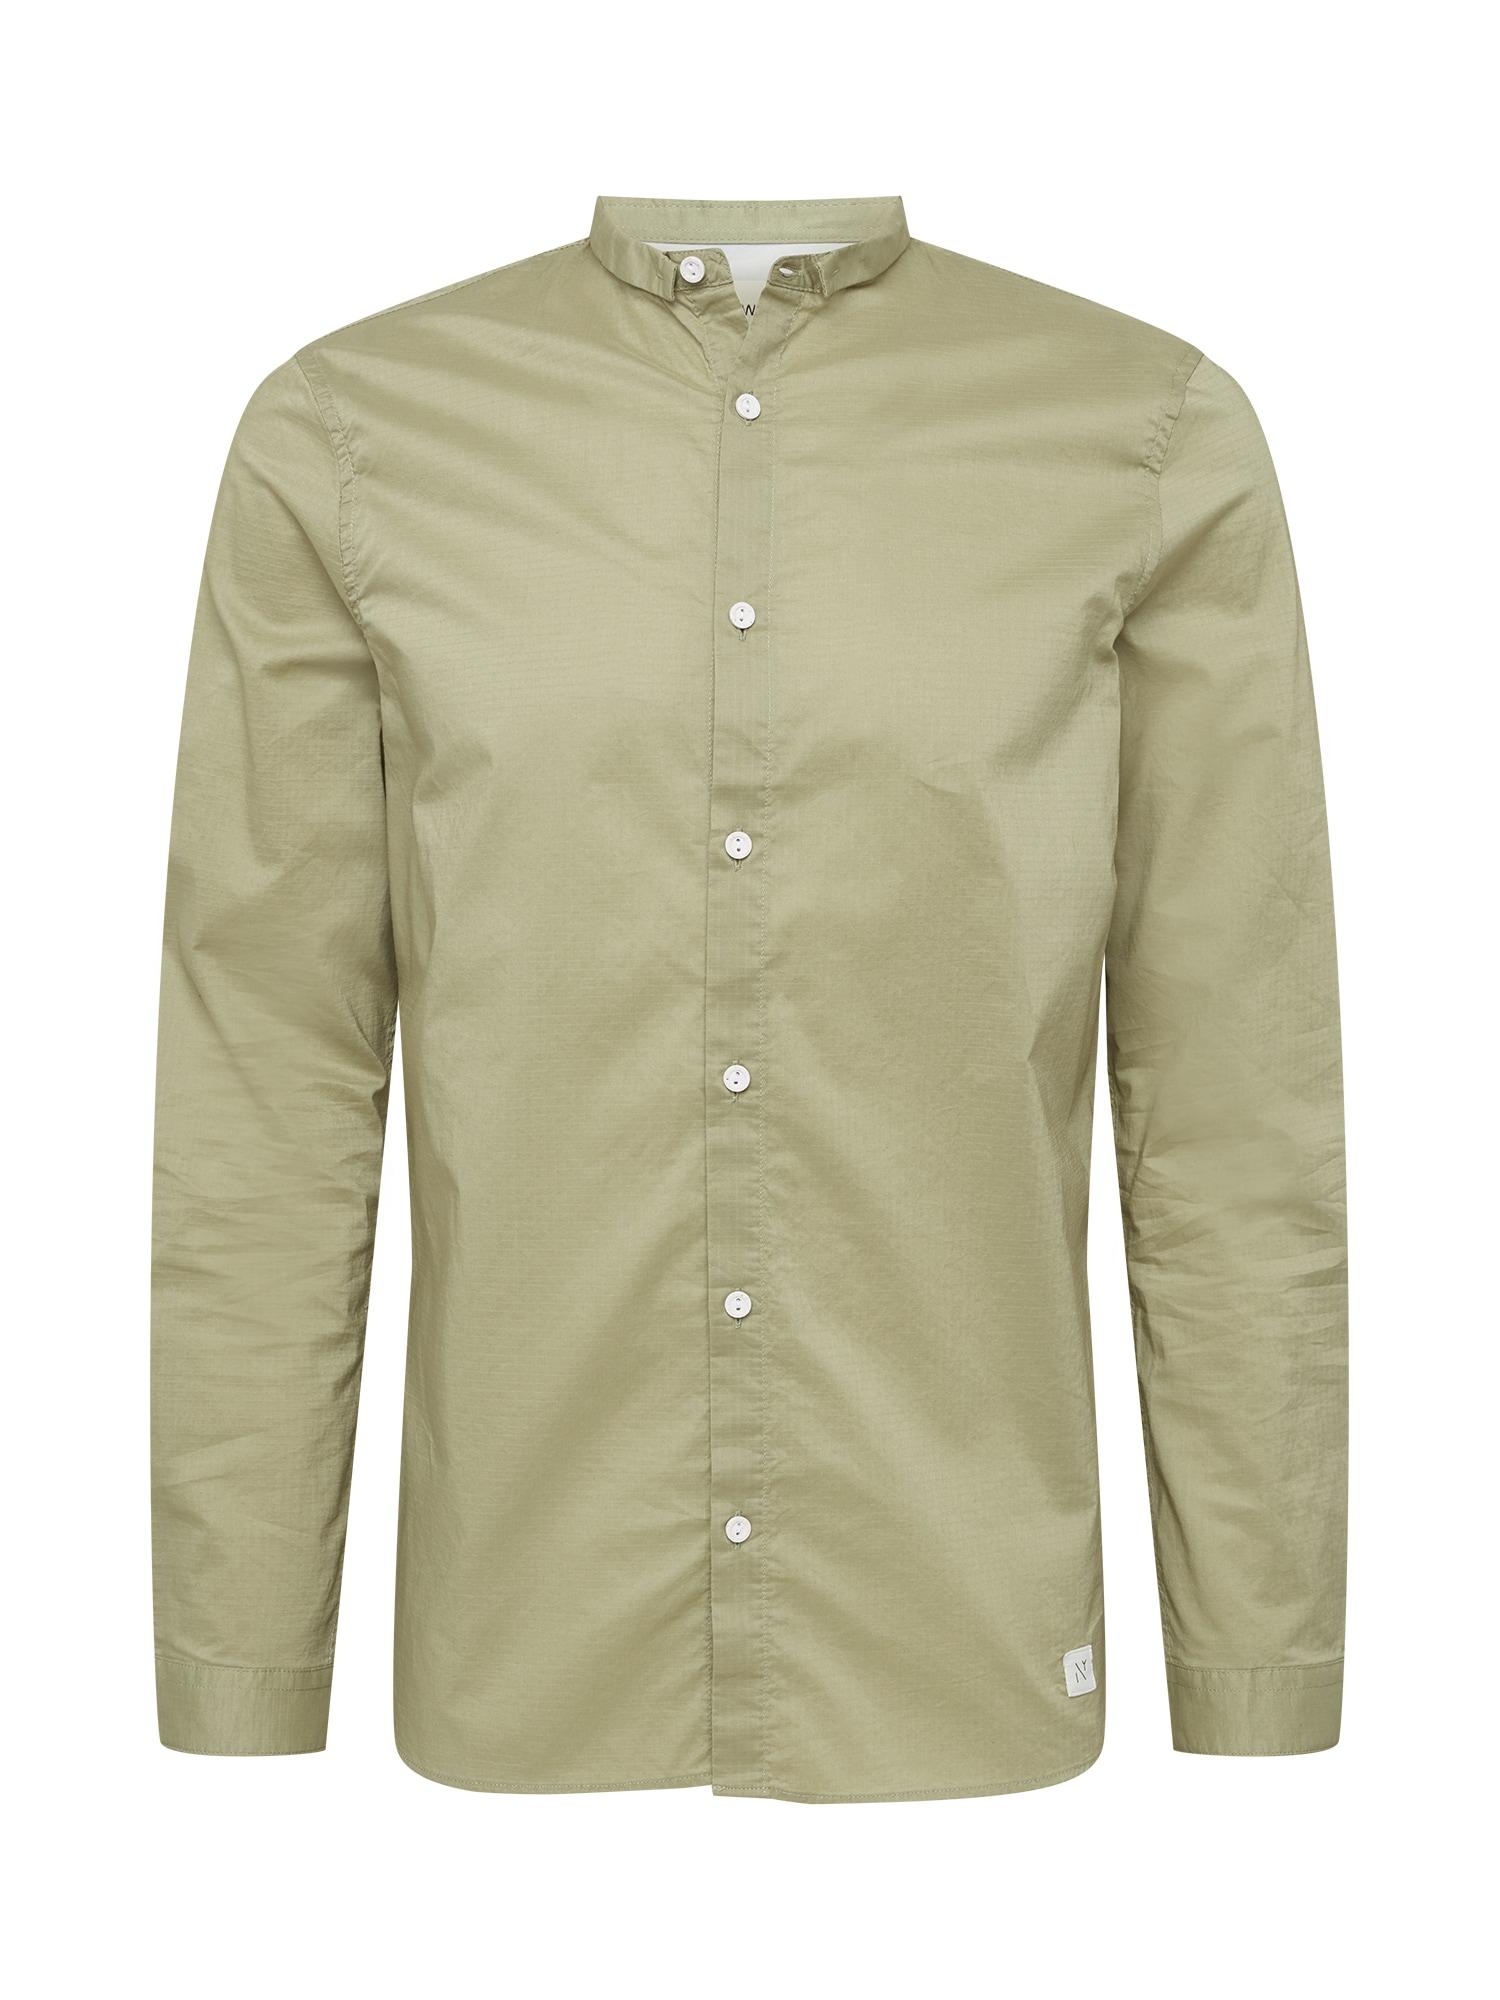 NOWADAYS Marškiniai alyvuogių spalva